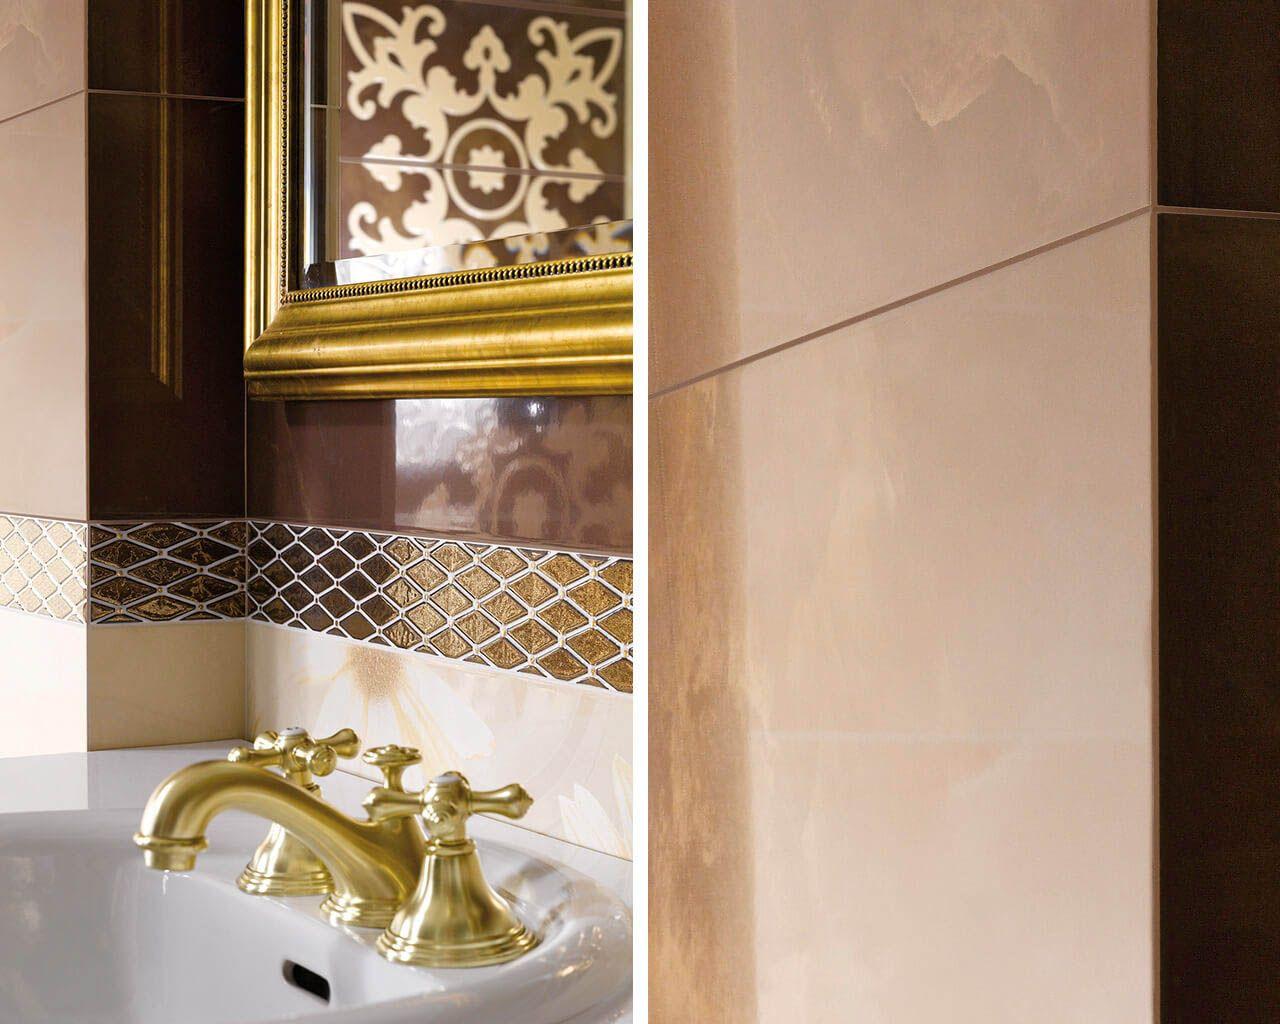 Ausgeprägtheit Der Dekoration Im Großen, Beige Braunen Bad